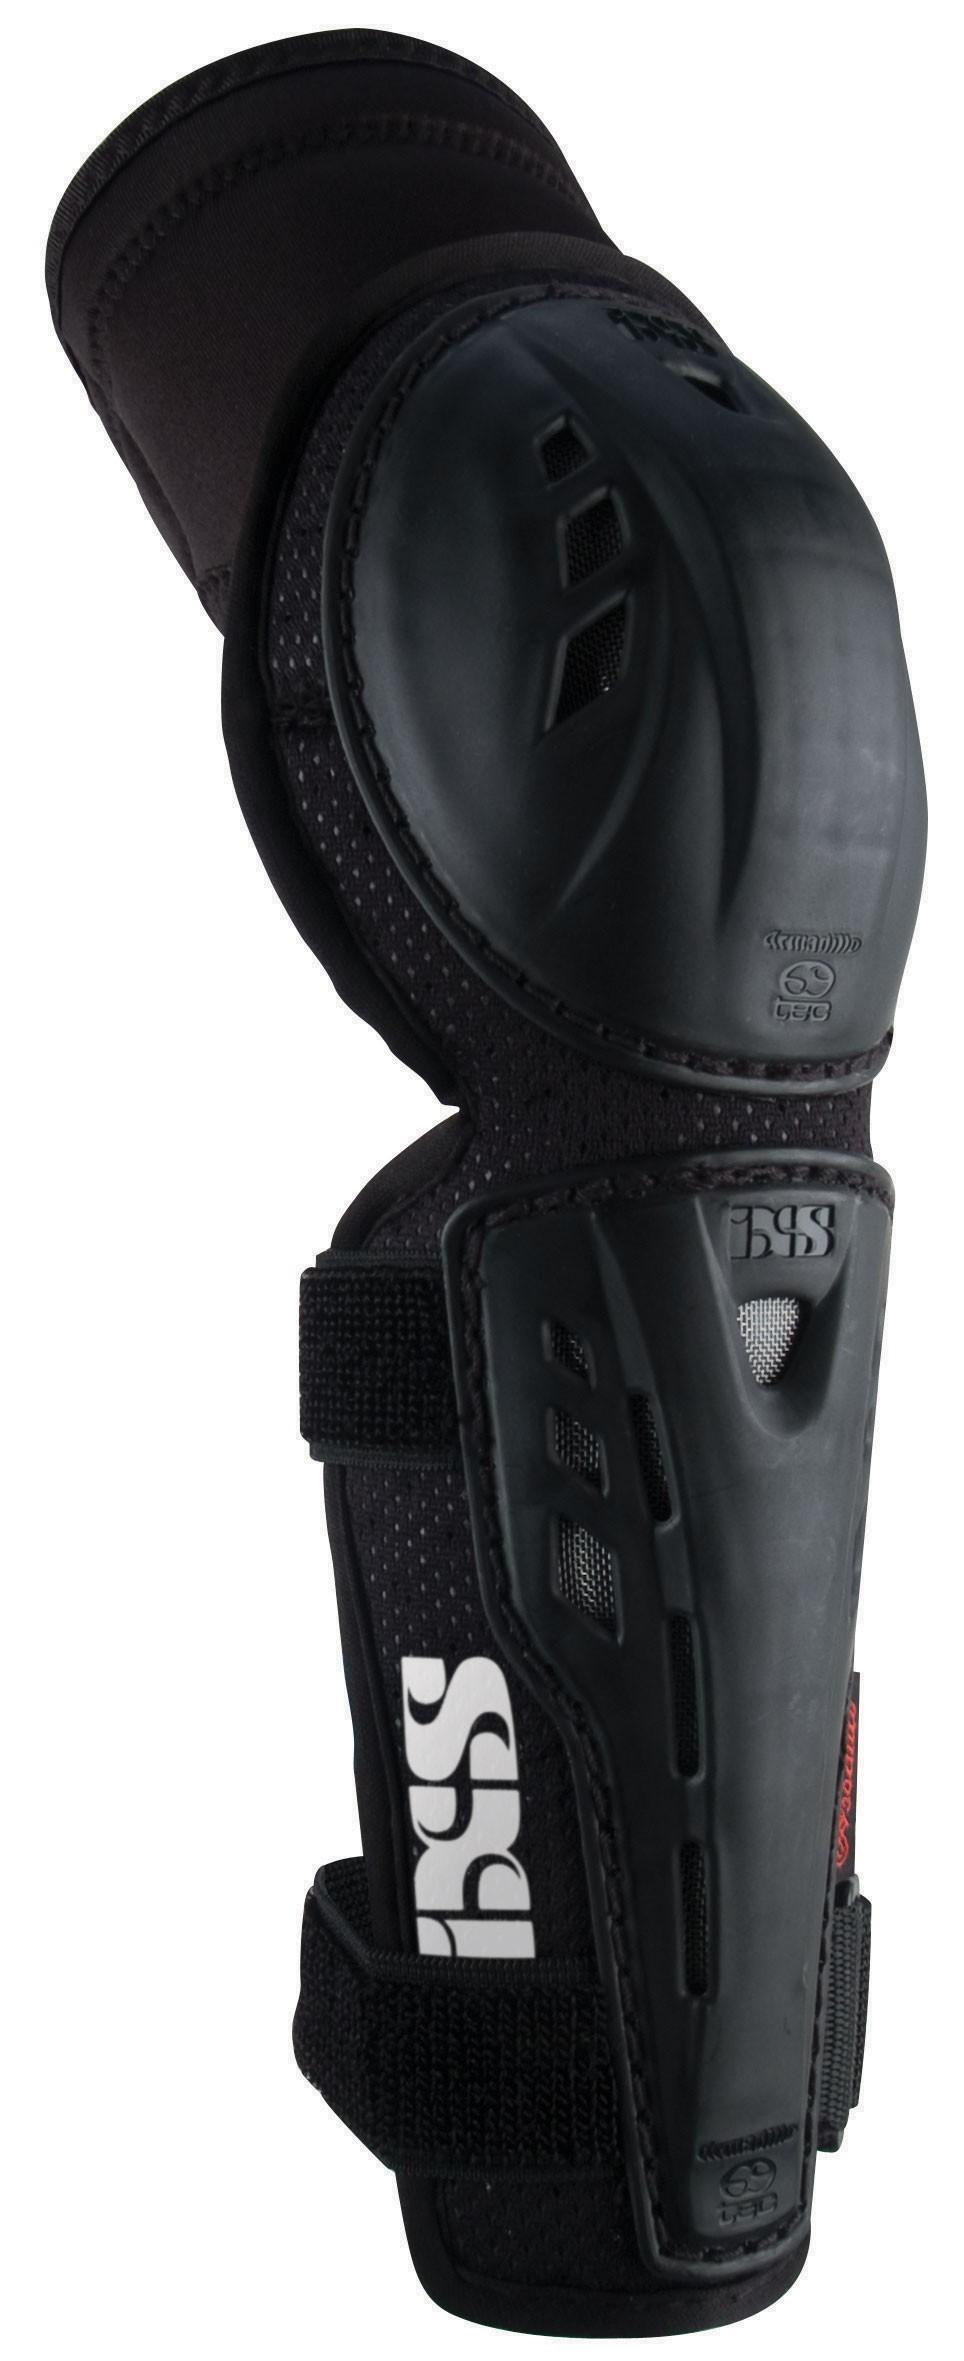 IXS chrániče loktů Assault černé vel. XL